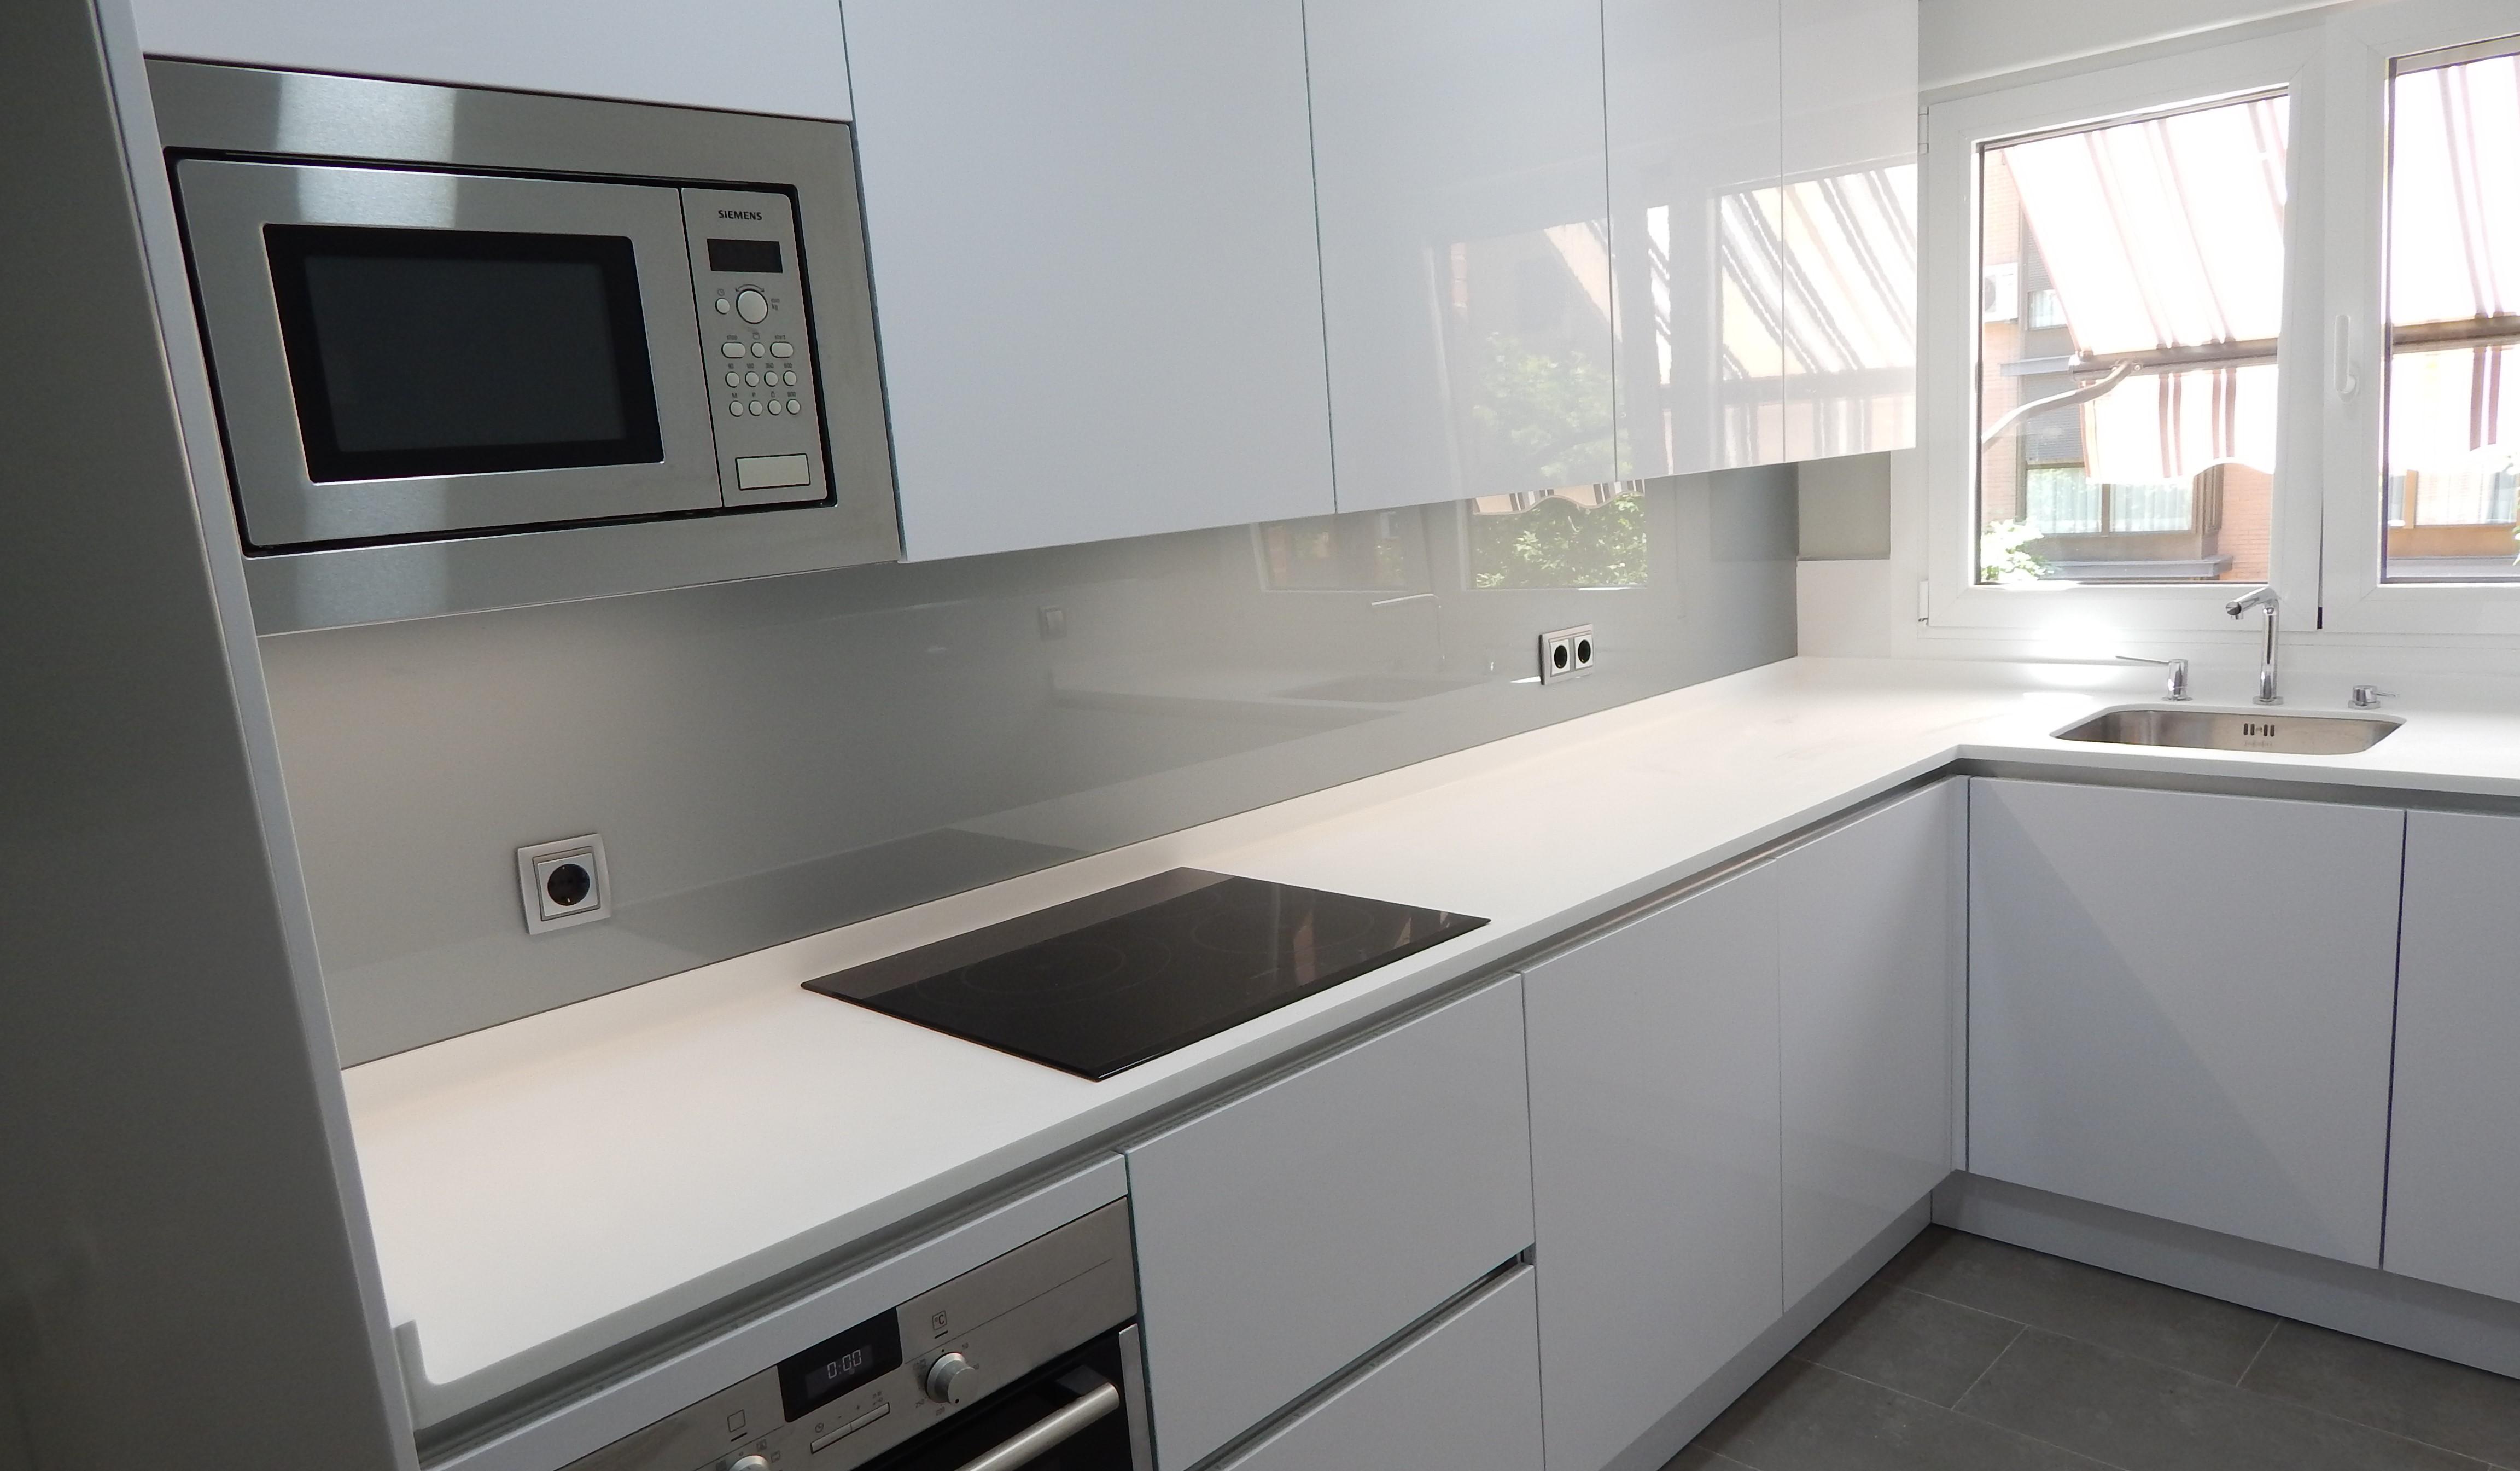 Muebles de cocina en blanco y frente de cristal brillante - Cocinas con pared de cristal ...